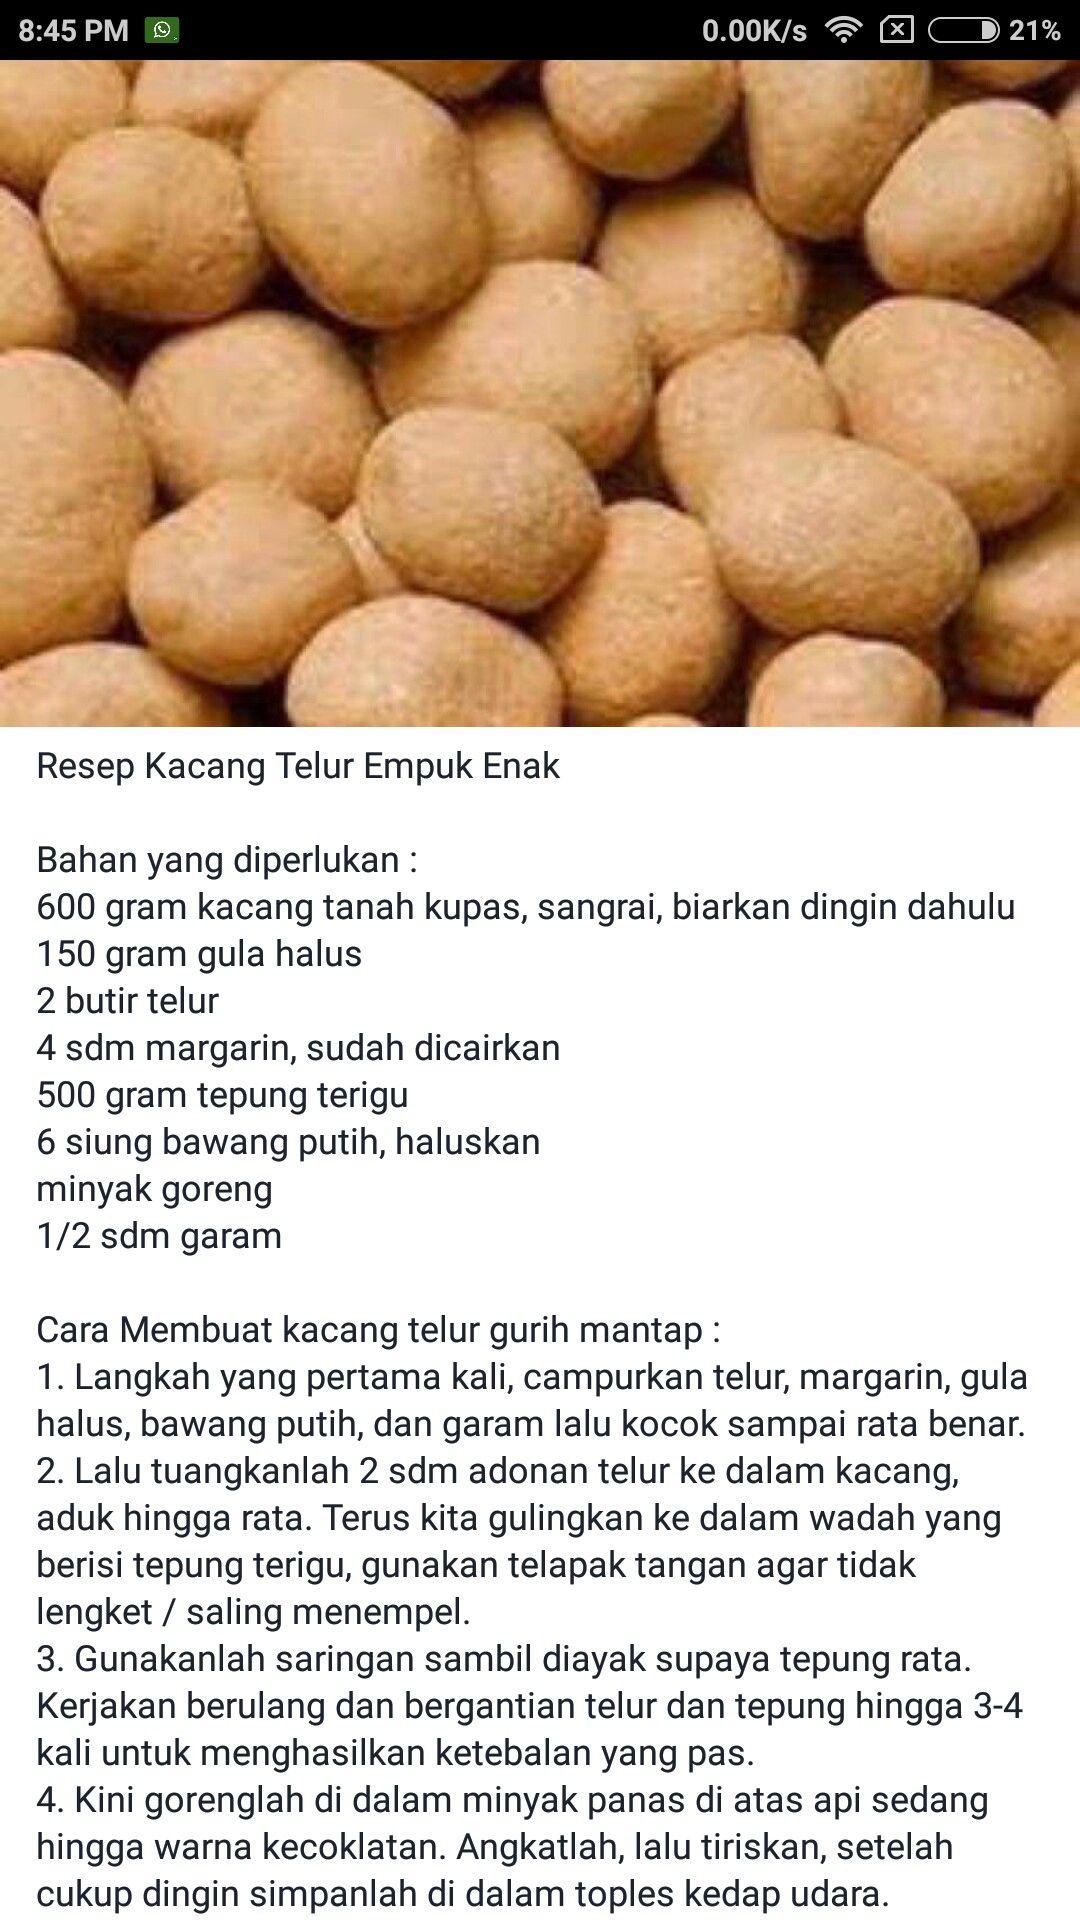 Kumpulan Resep Kacang Telur Renyah : kumpulan, resep, kacang, telur, renyah, Delos, Santos, Recipe, Makanan,, Makanan, Minuman,, Resep